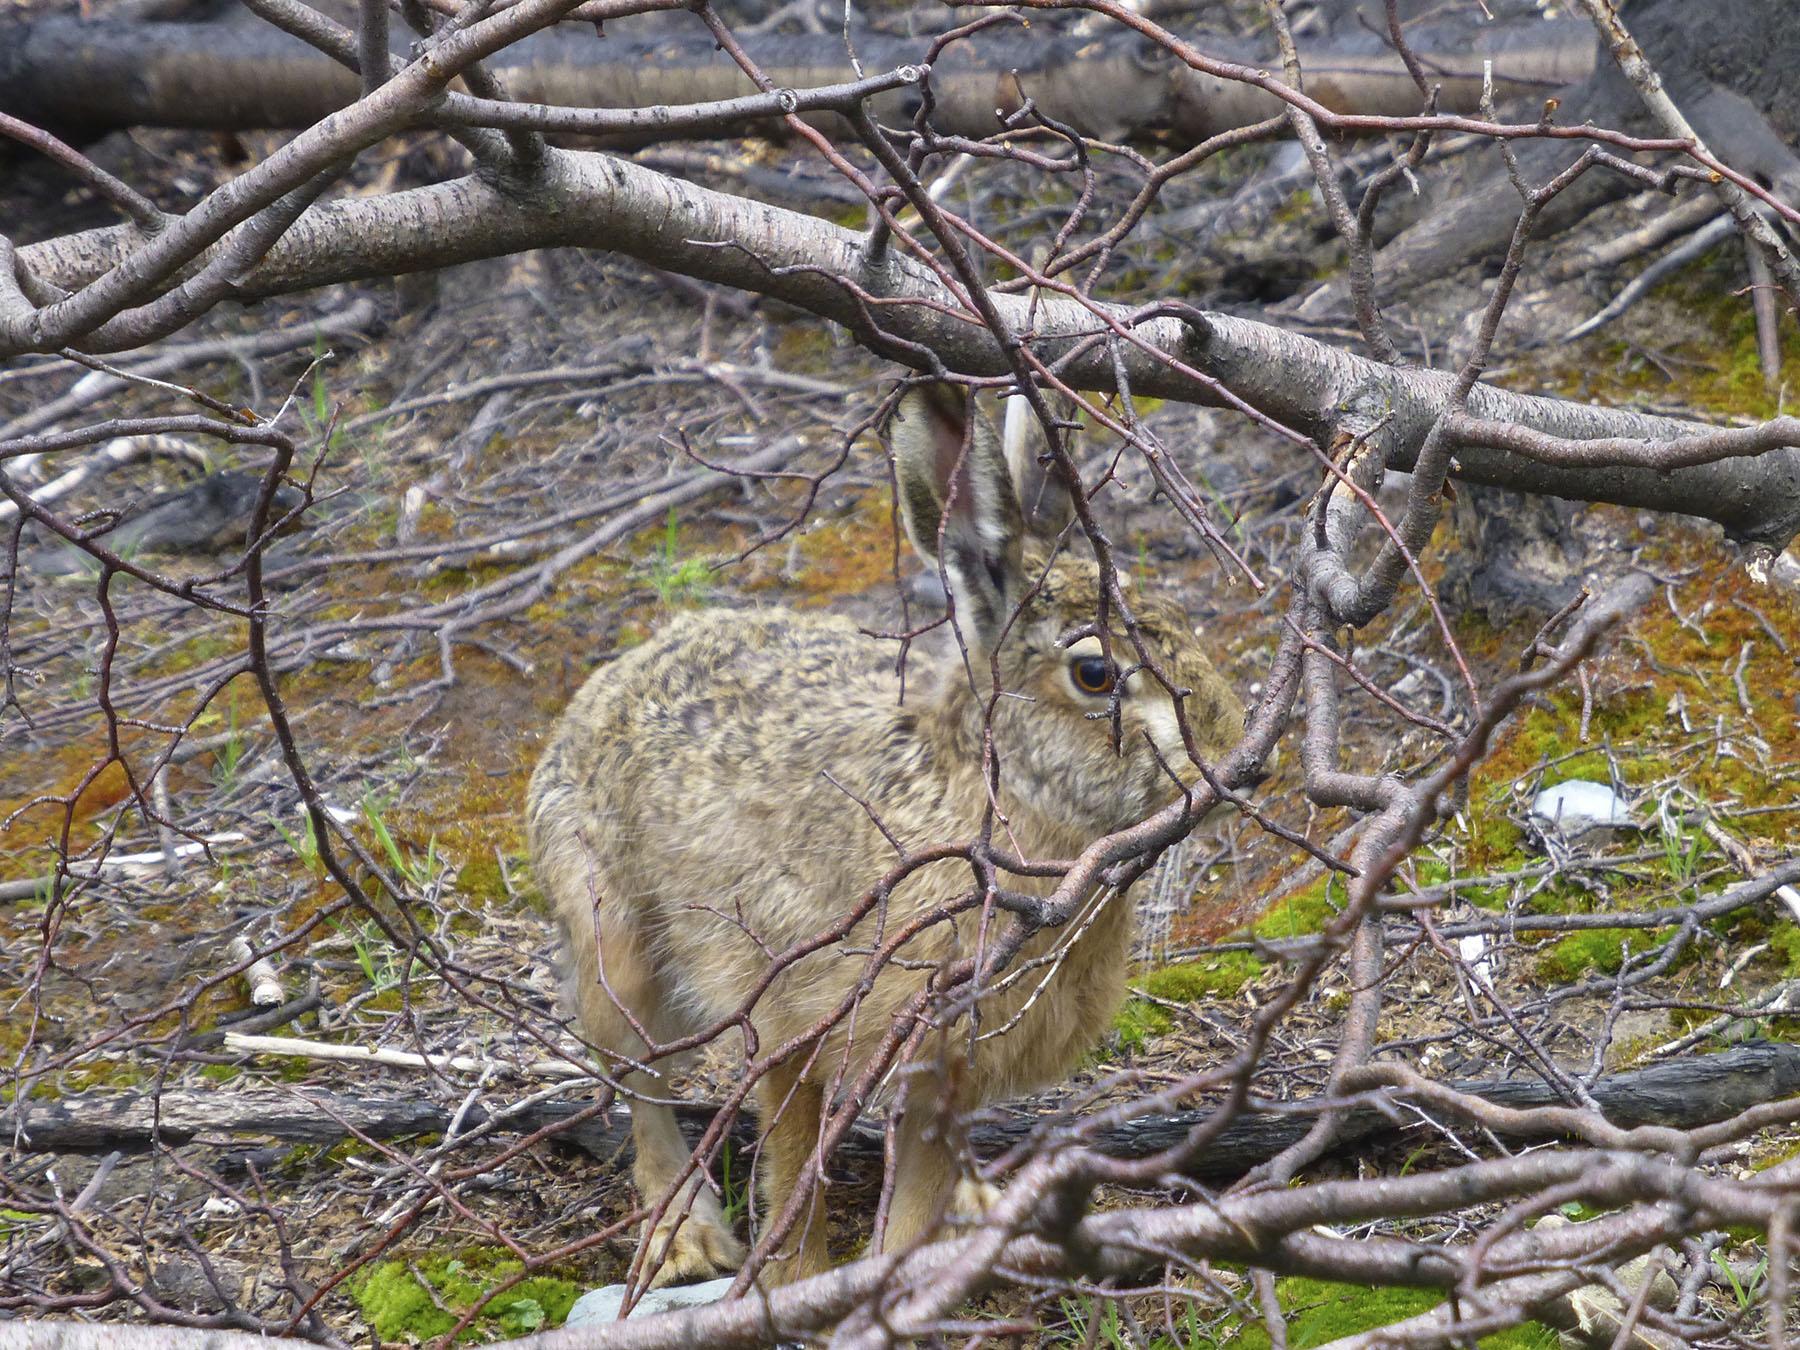 Giant Rabbit!